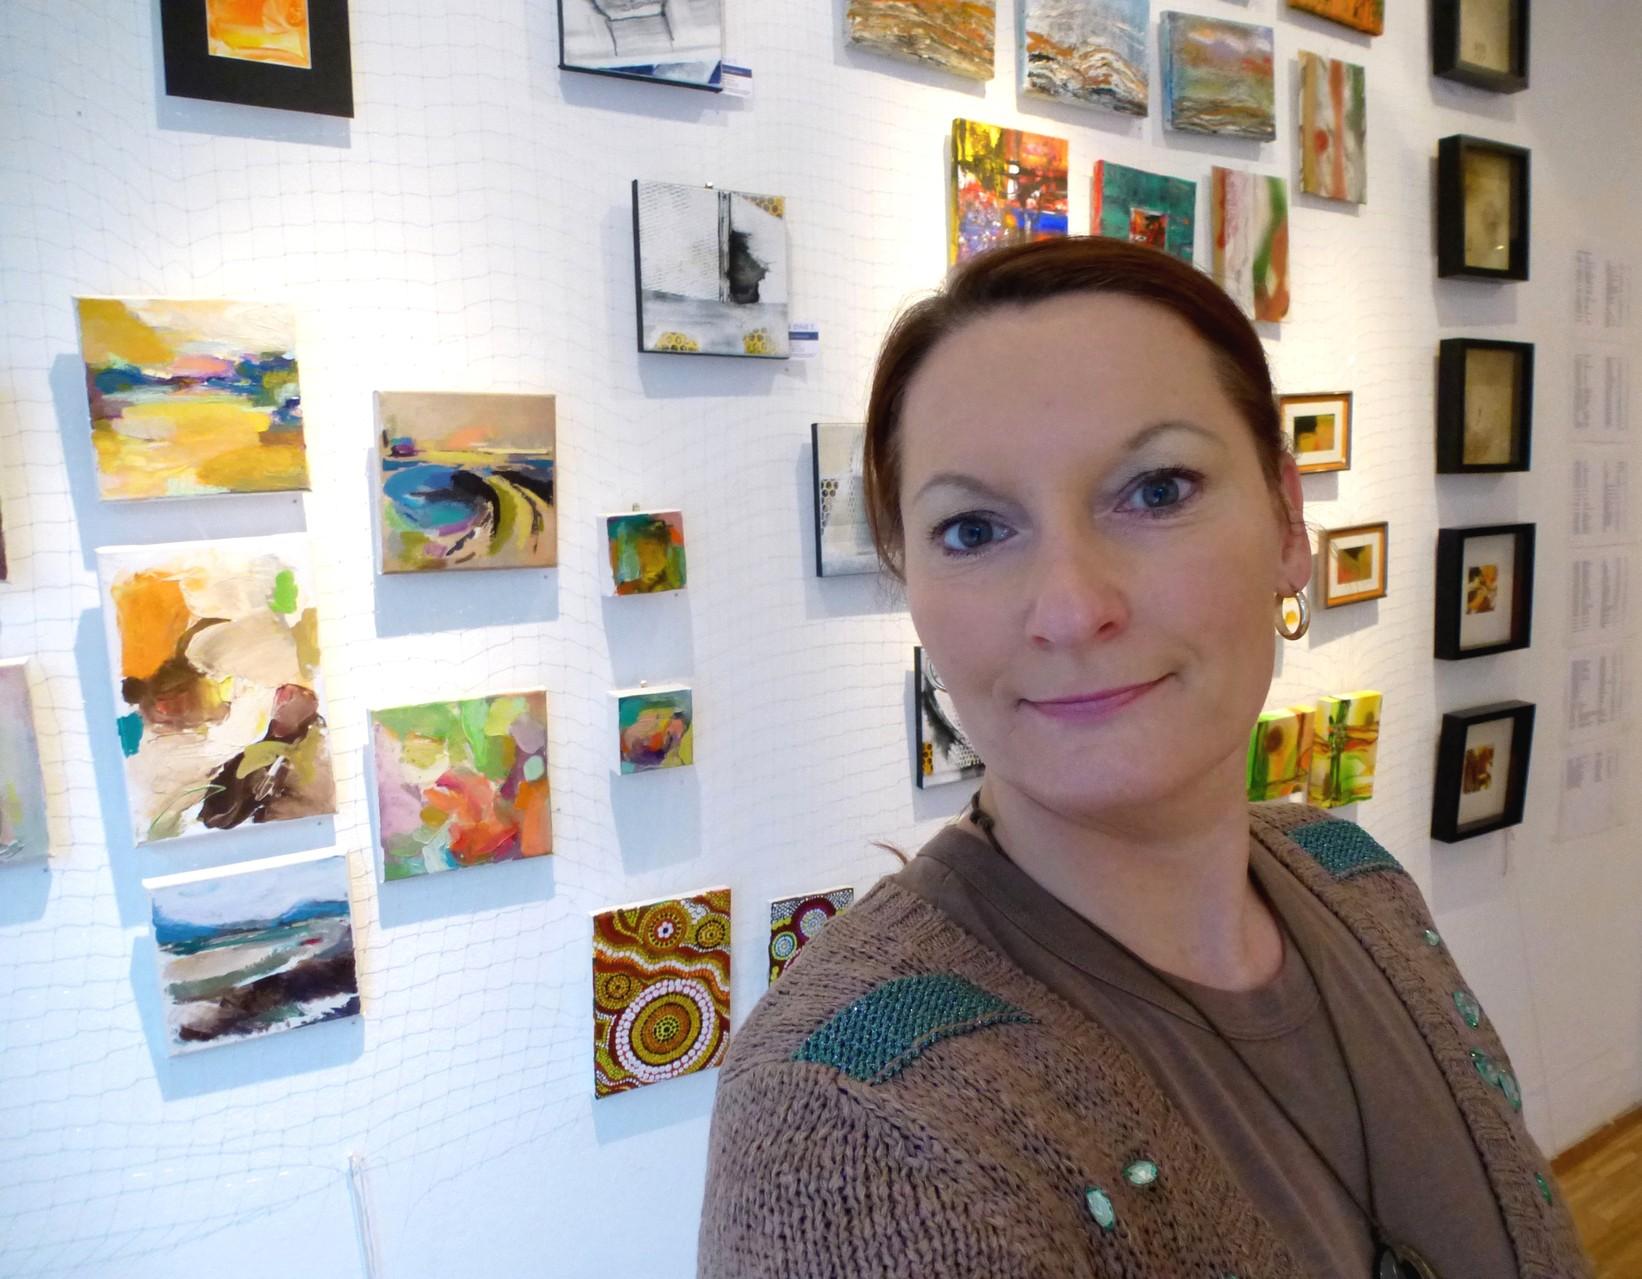 Galeriedienst in der Galerie im Raum